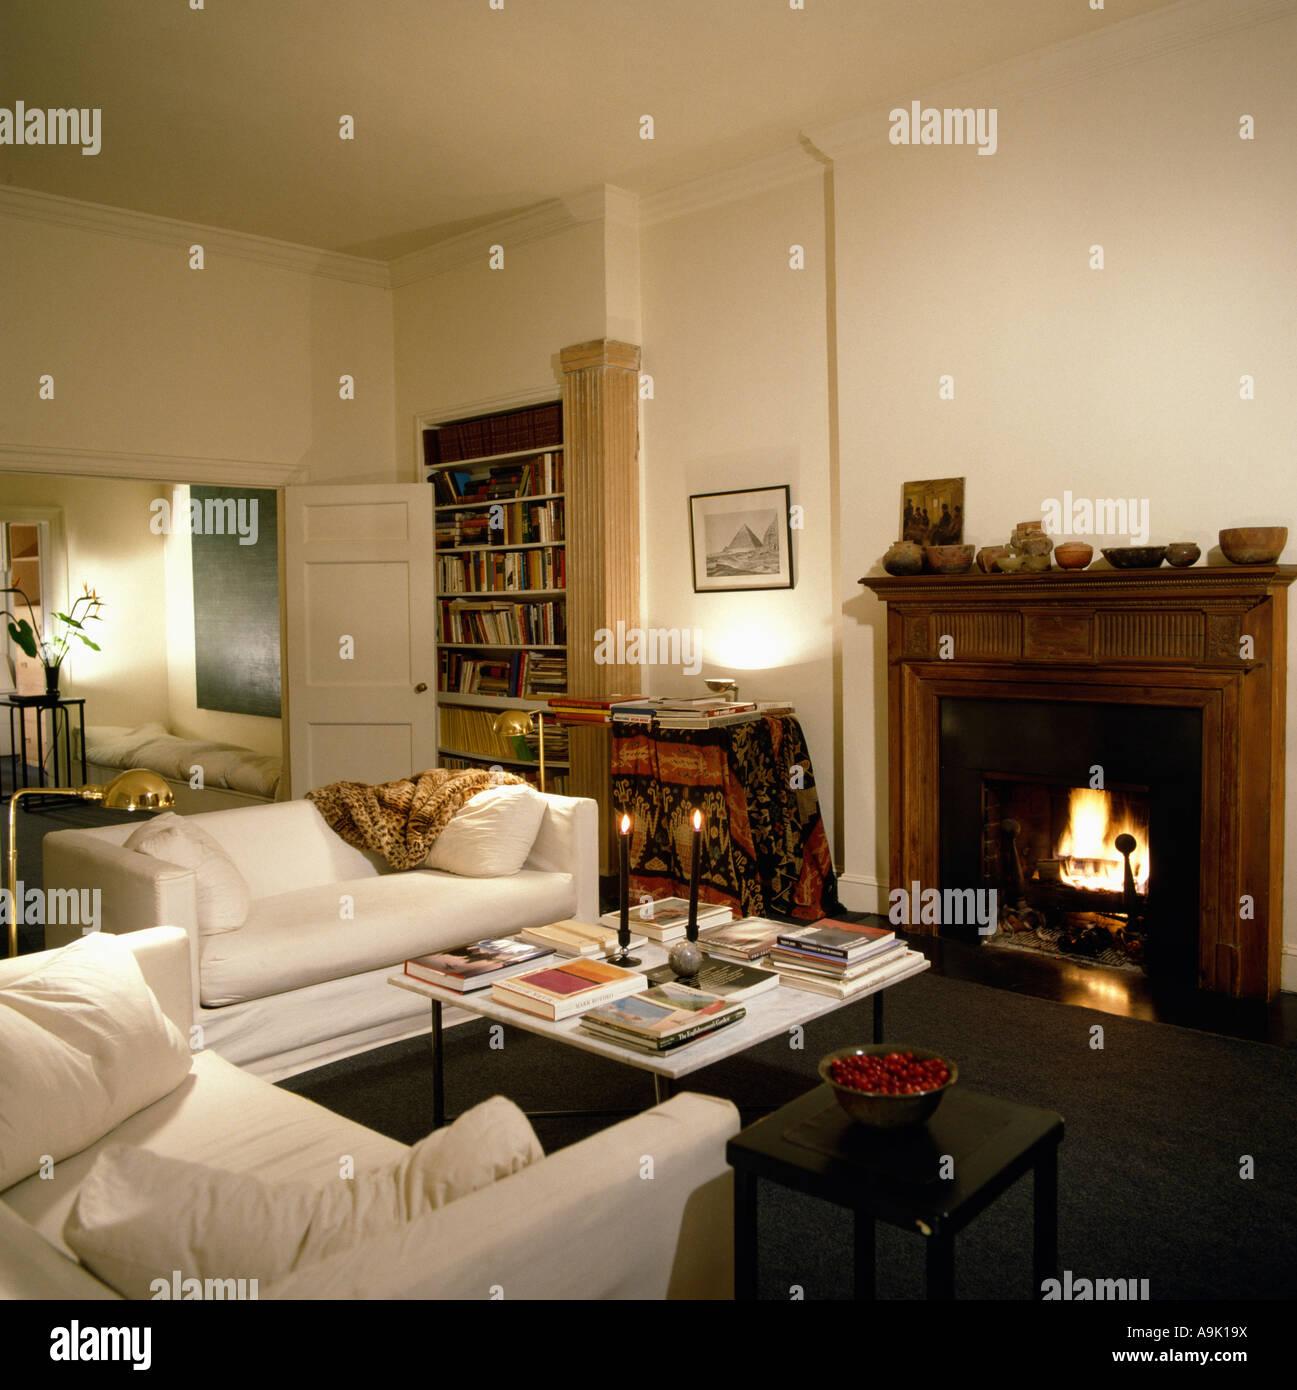 Feuer im Kamin der zeitgenössischen Wohnzimmer mit weißen sofas ...